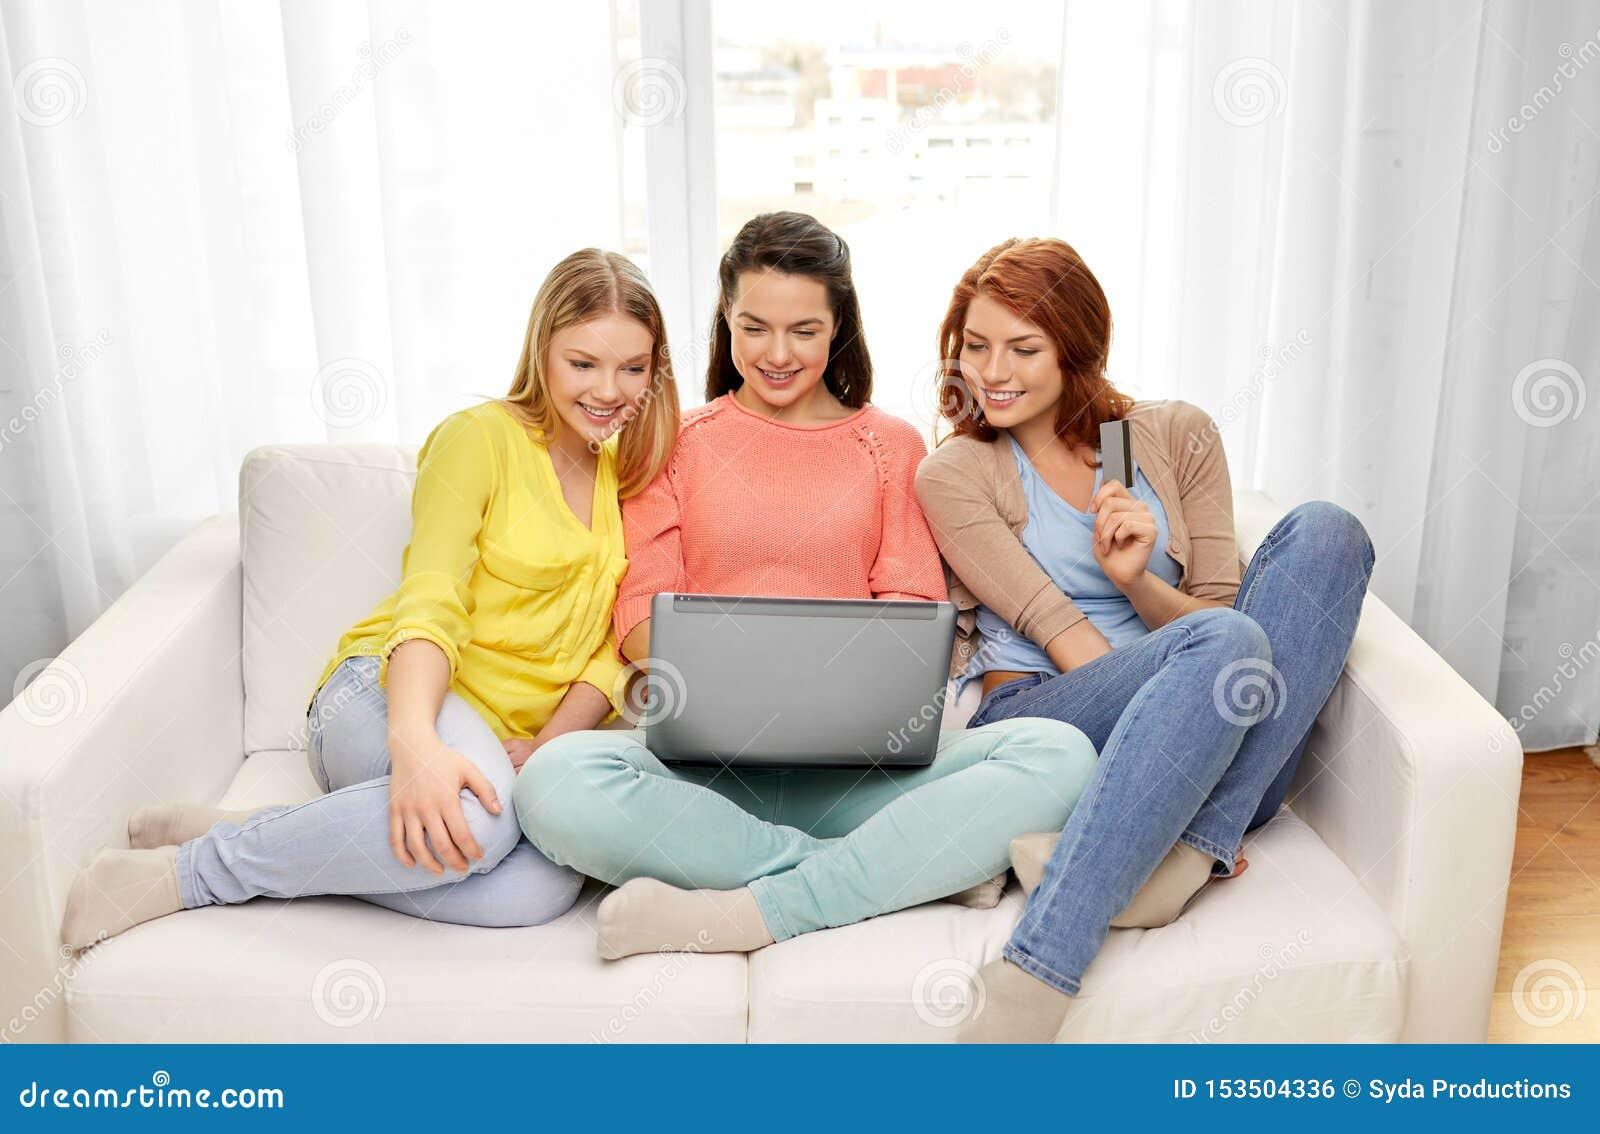 Девочка-подростки с ноутбуком и кредитной карточкой